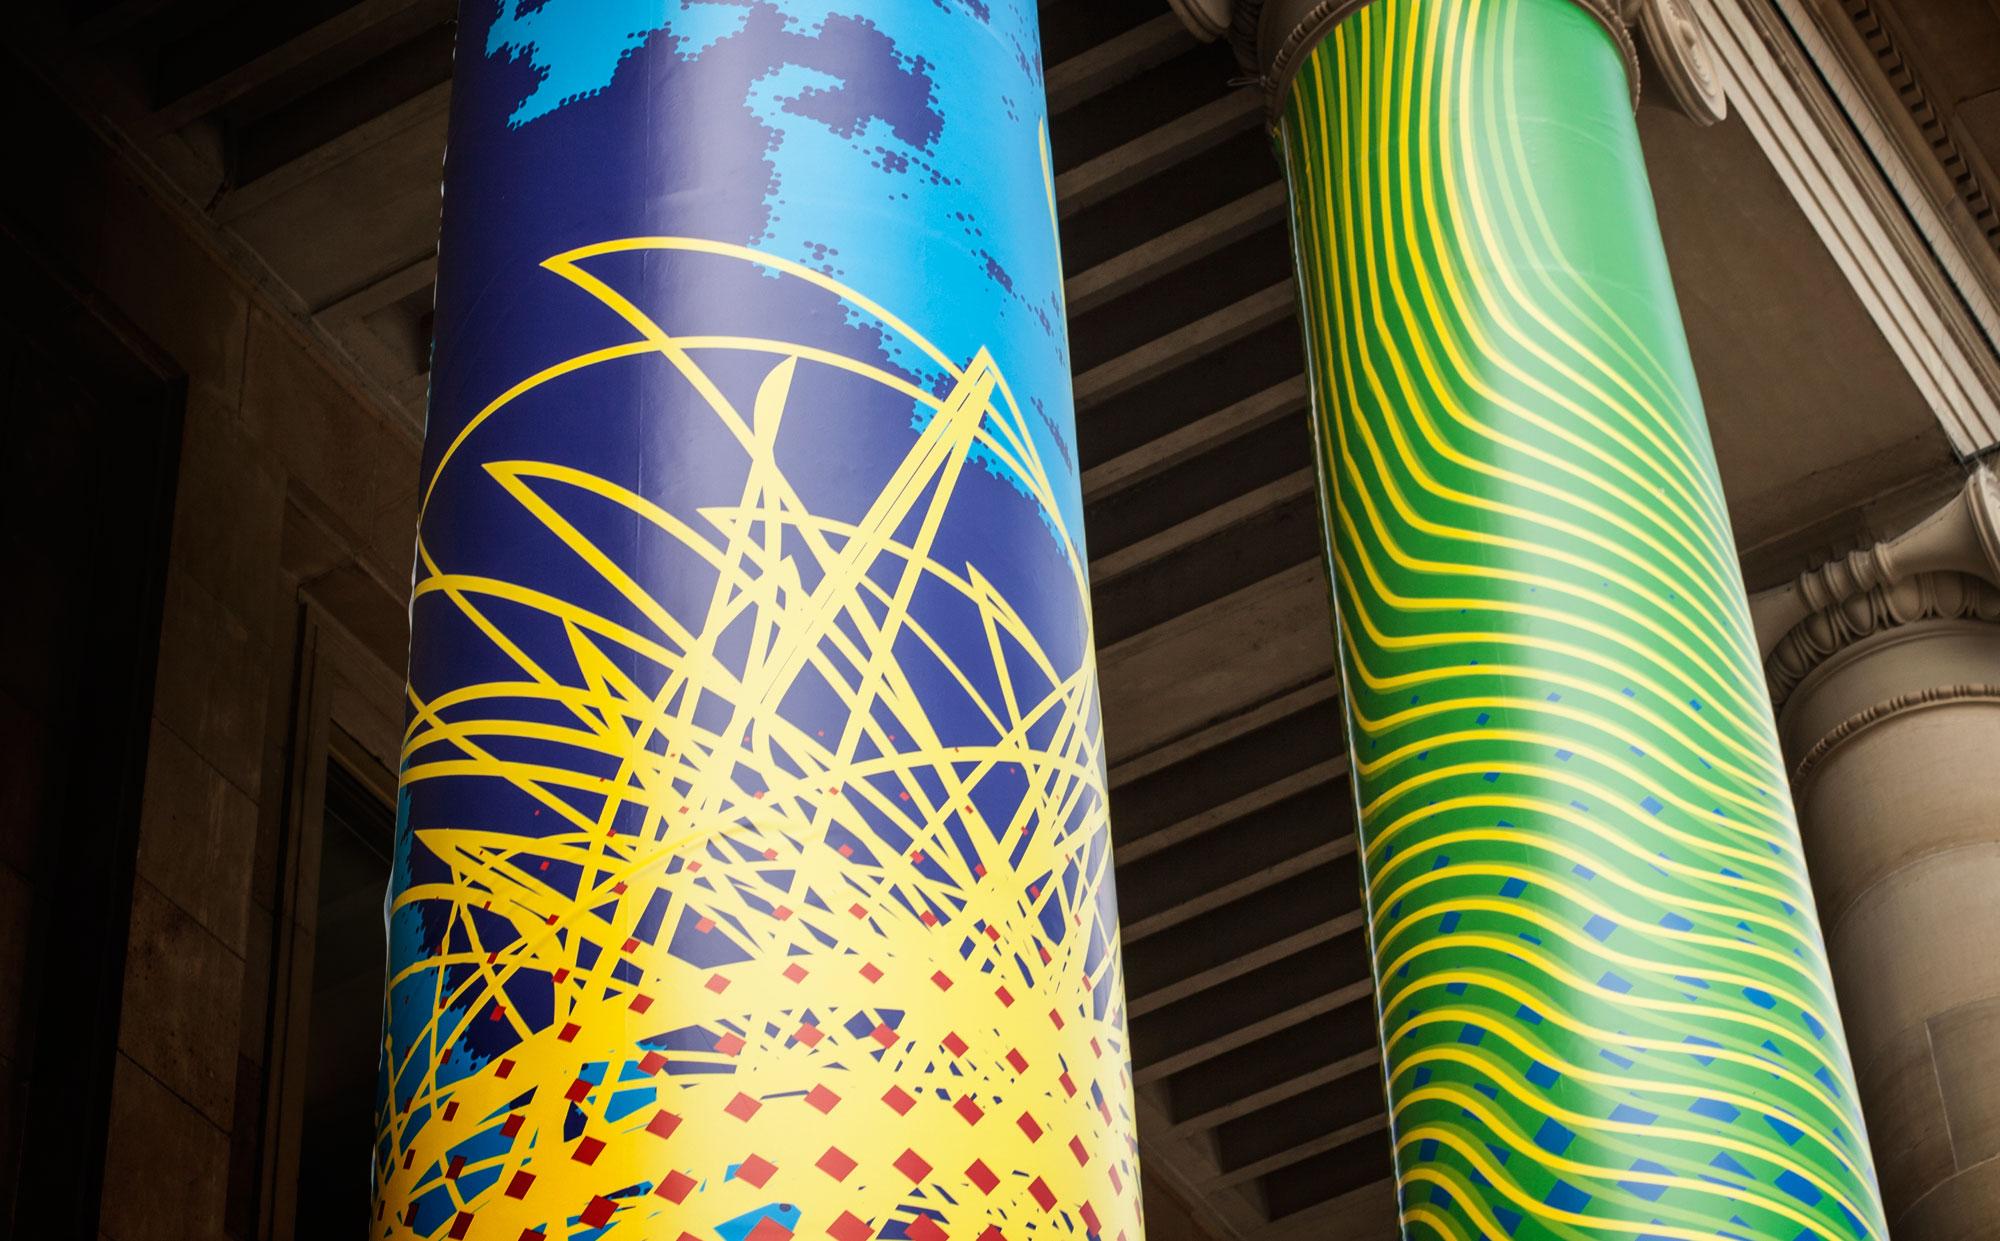 75a gestaltet 10 Säulen des Stuttgarter Königbaus